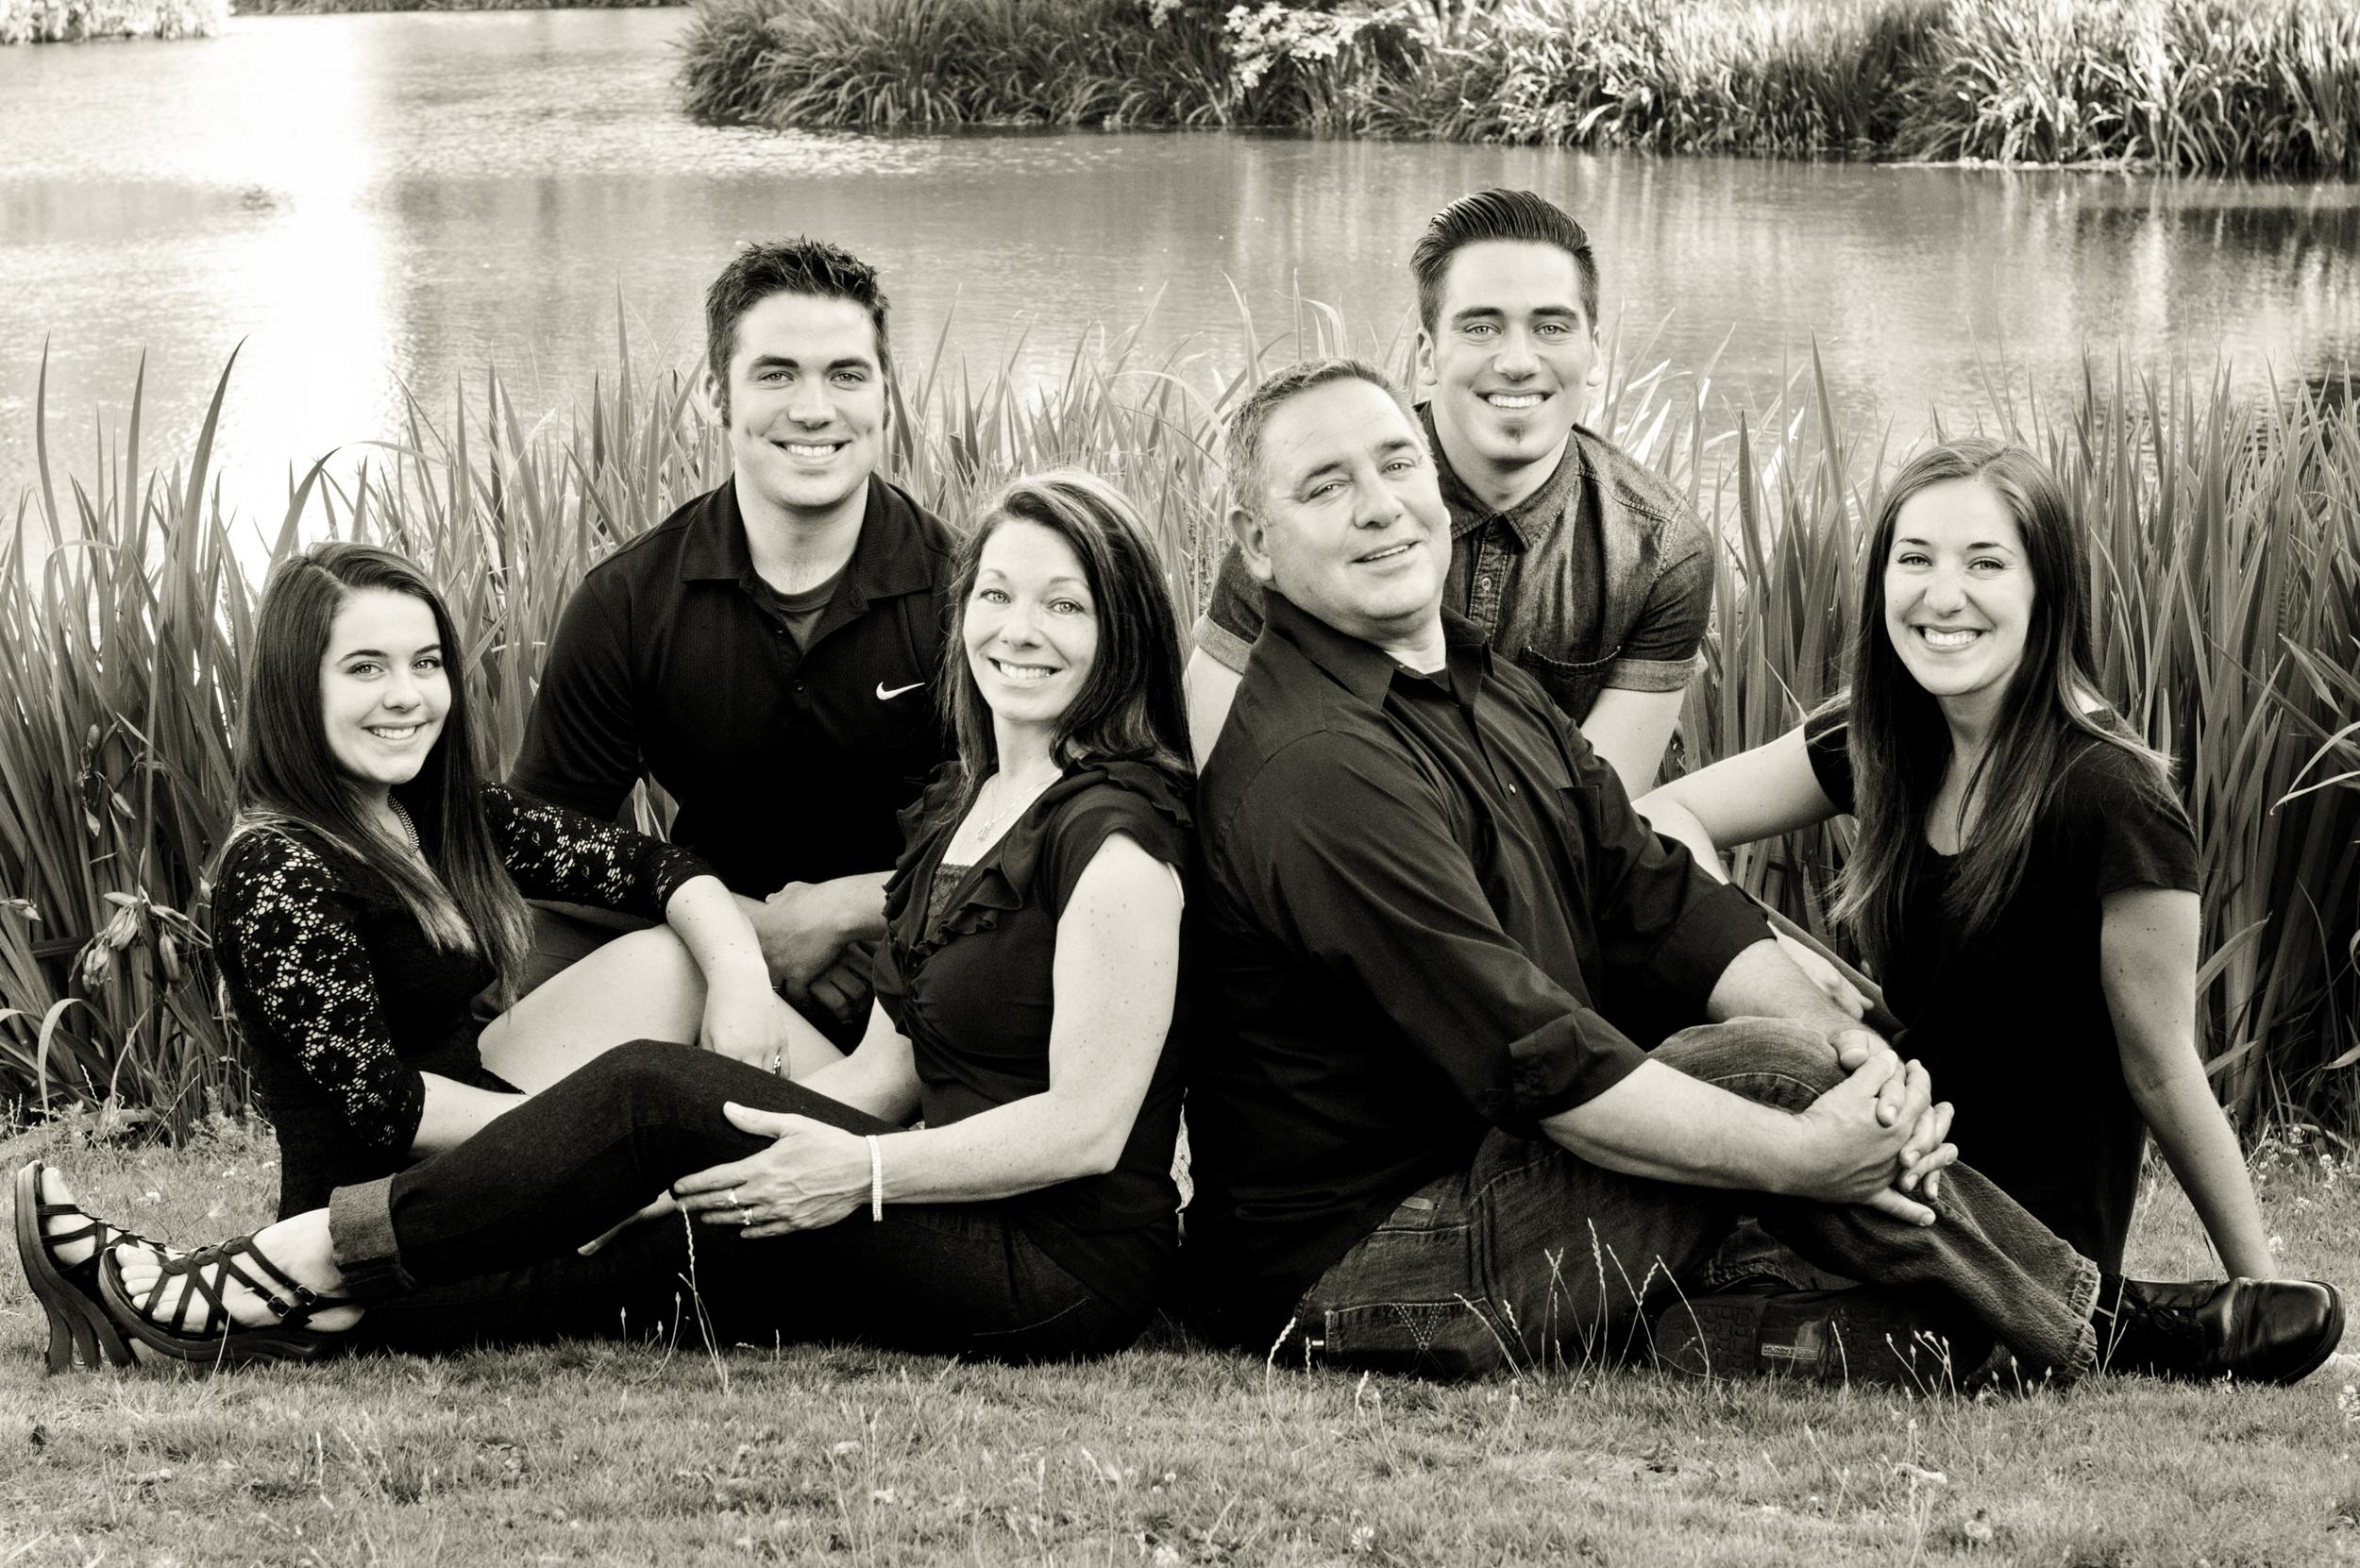 Ray Family Photos-Immediate family2 vanilla.jpg